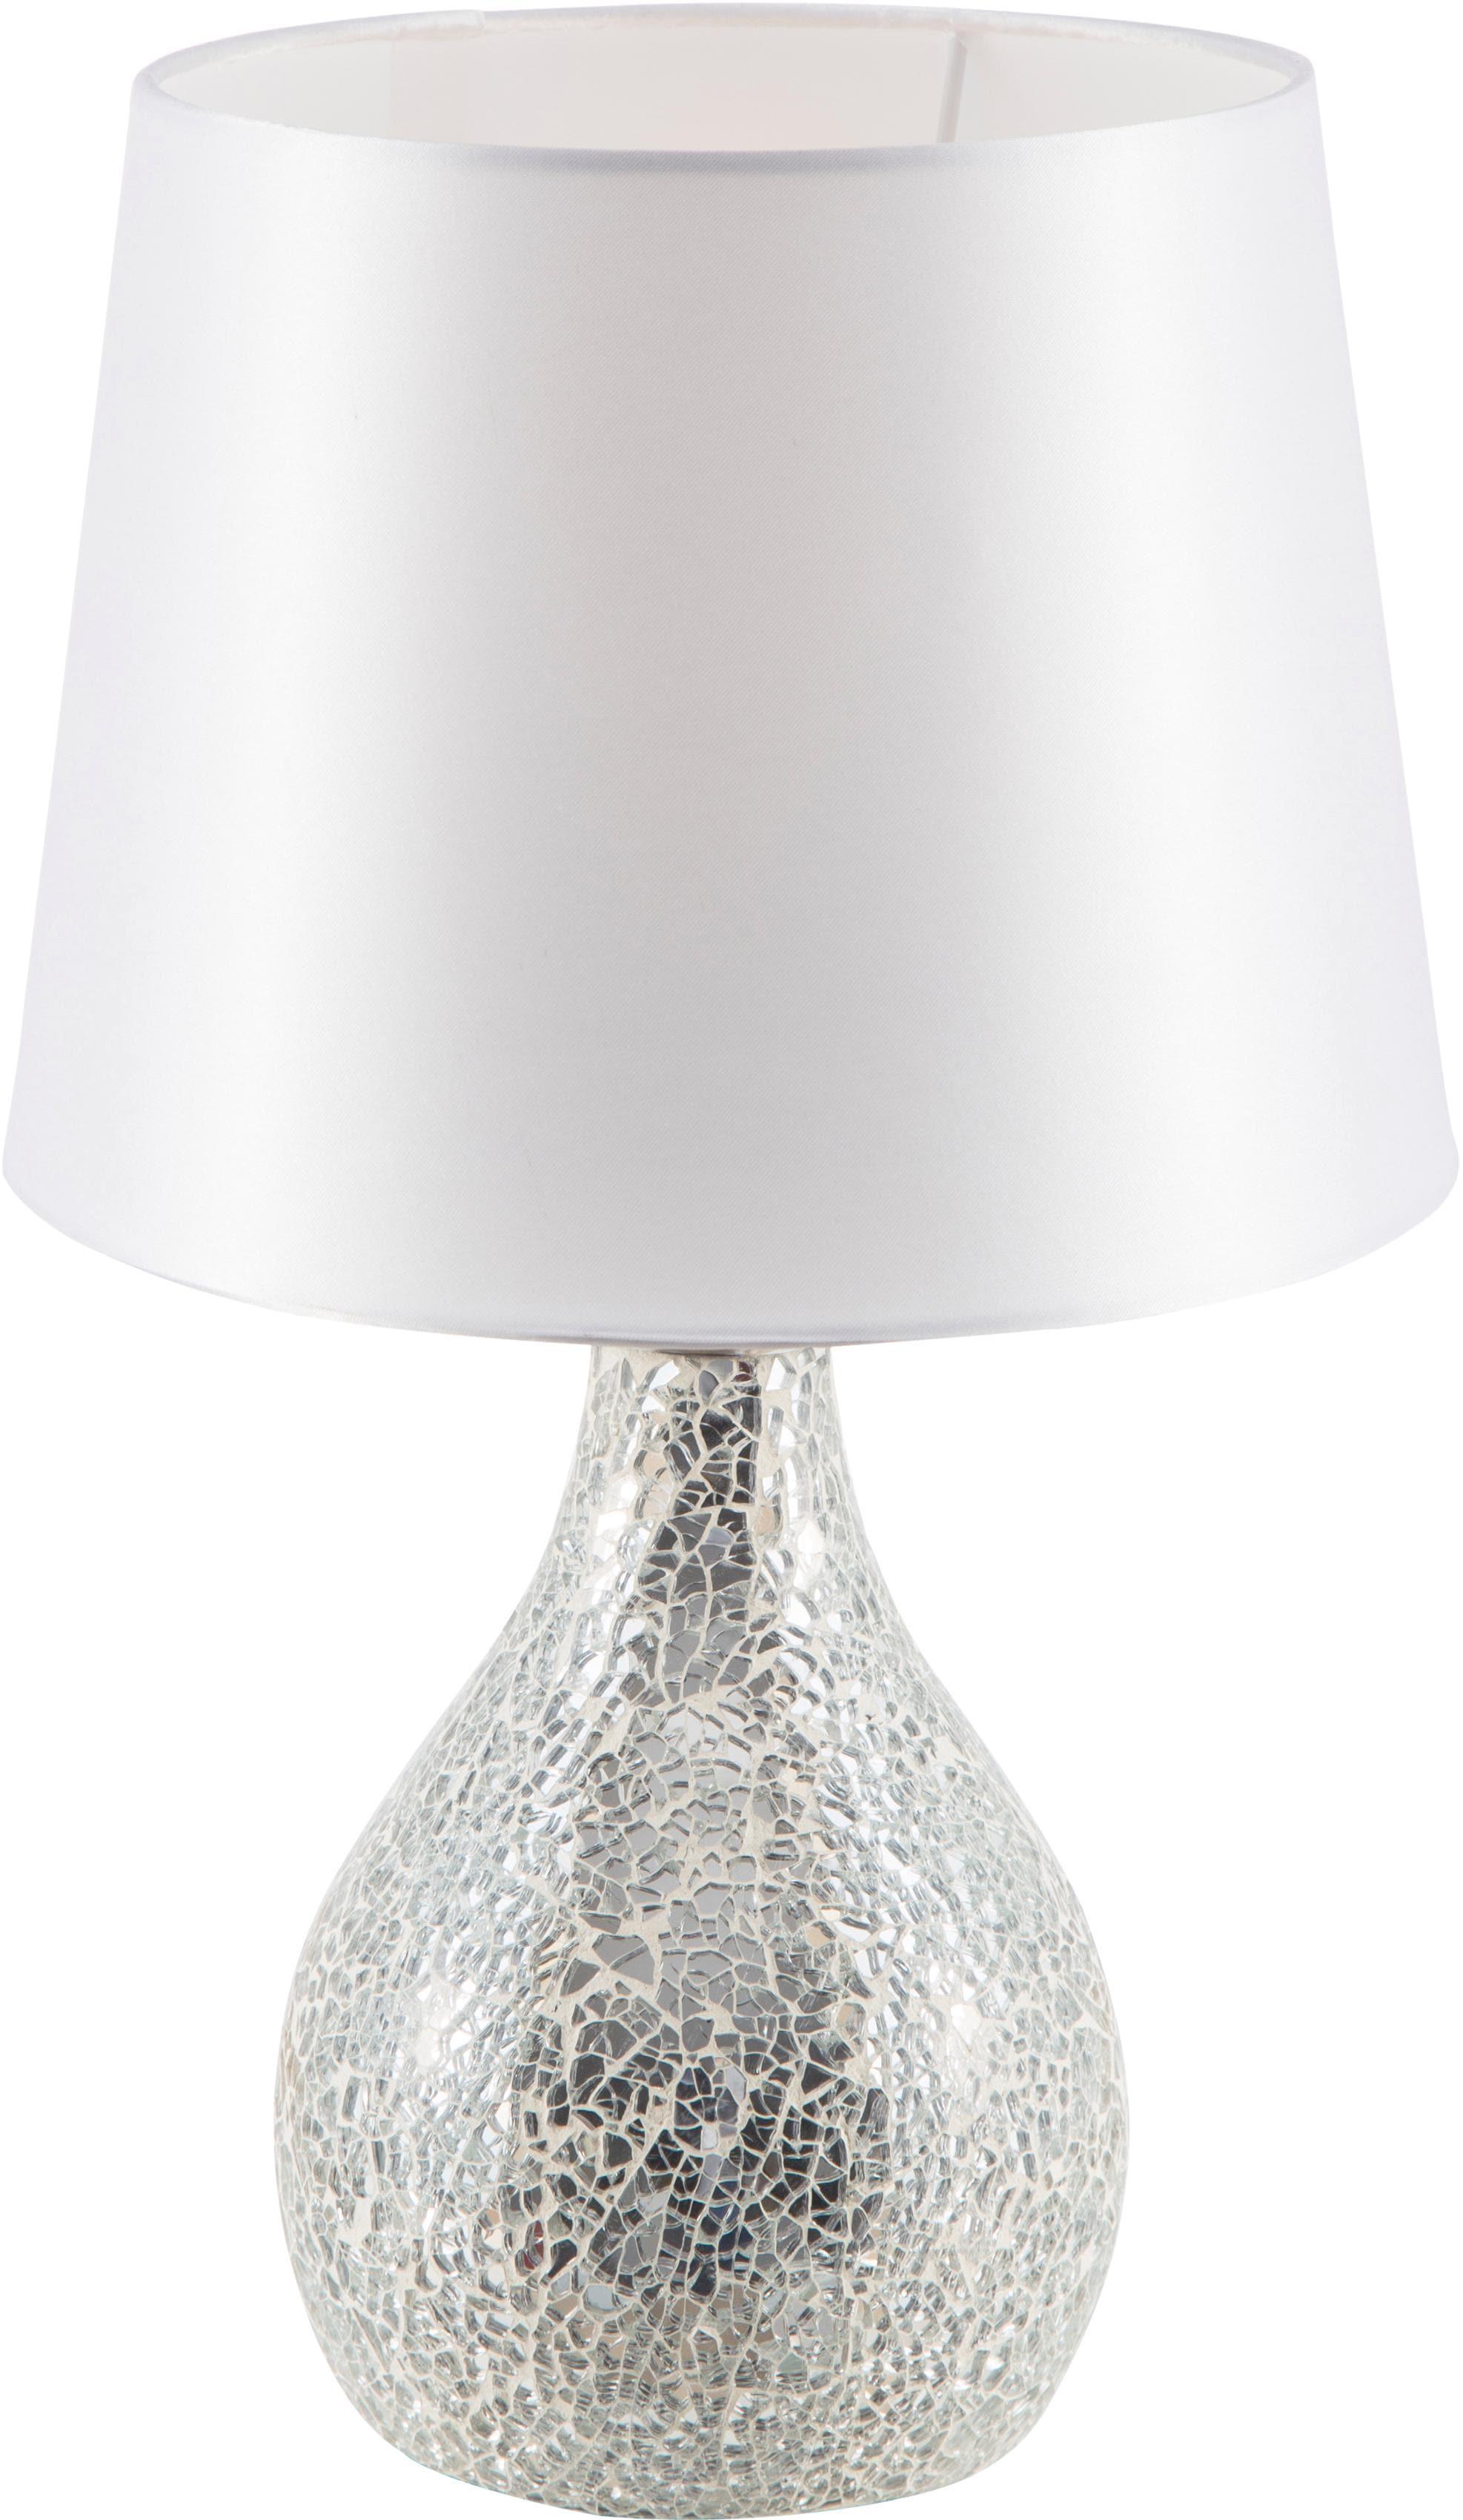 Nino Leuchten Tischleuchte SUSA